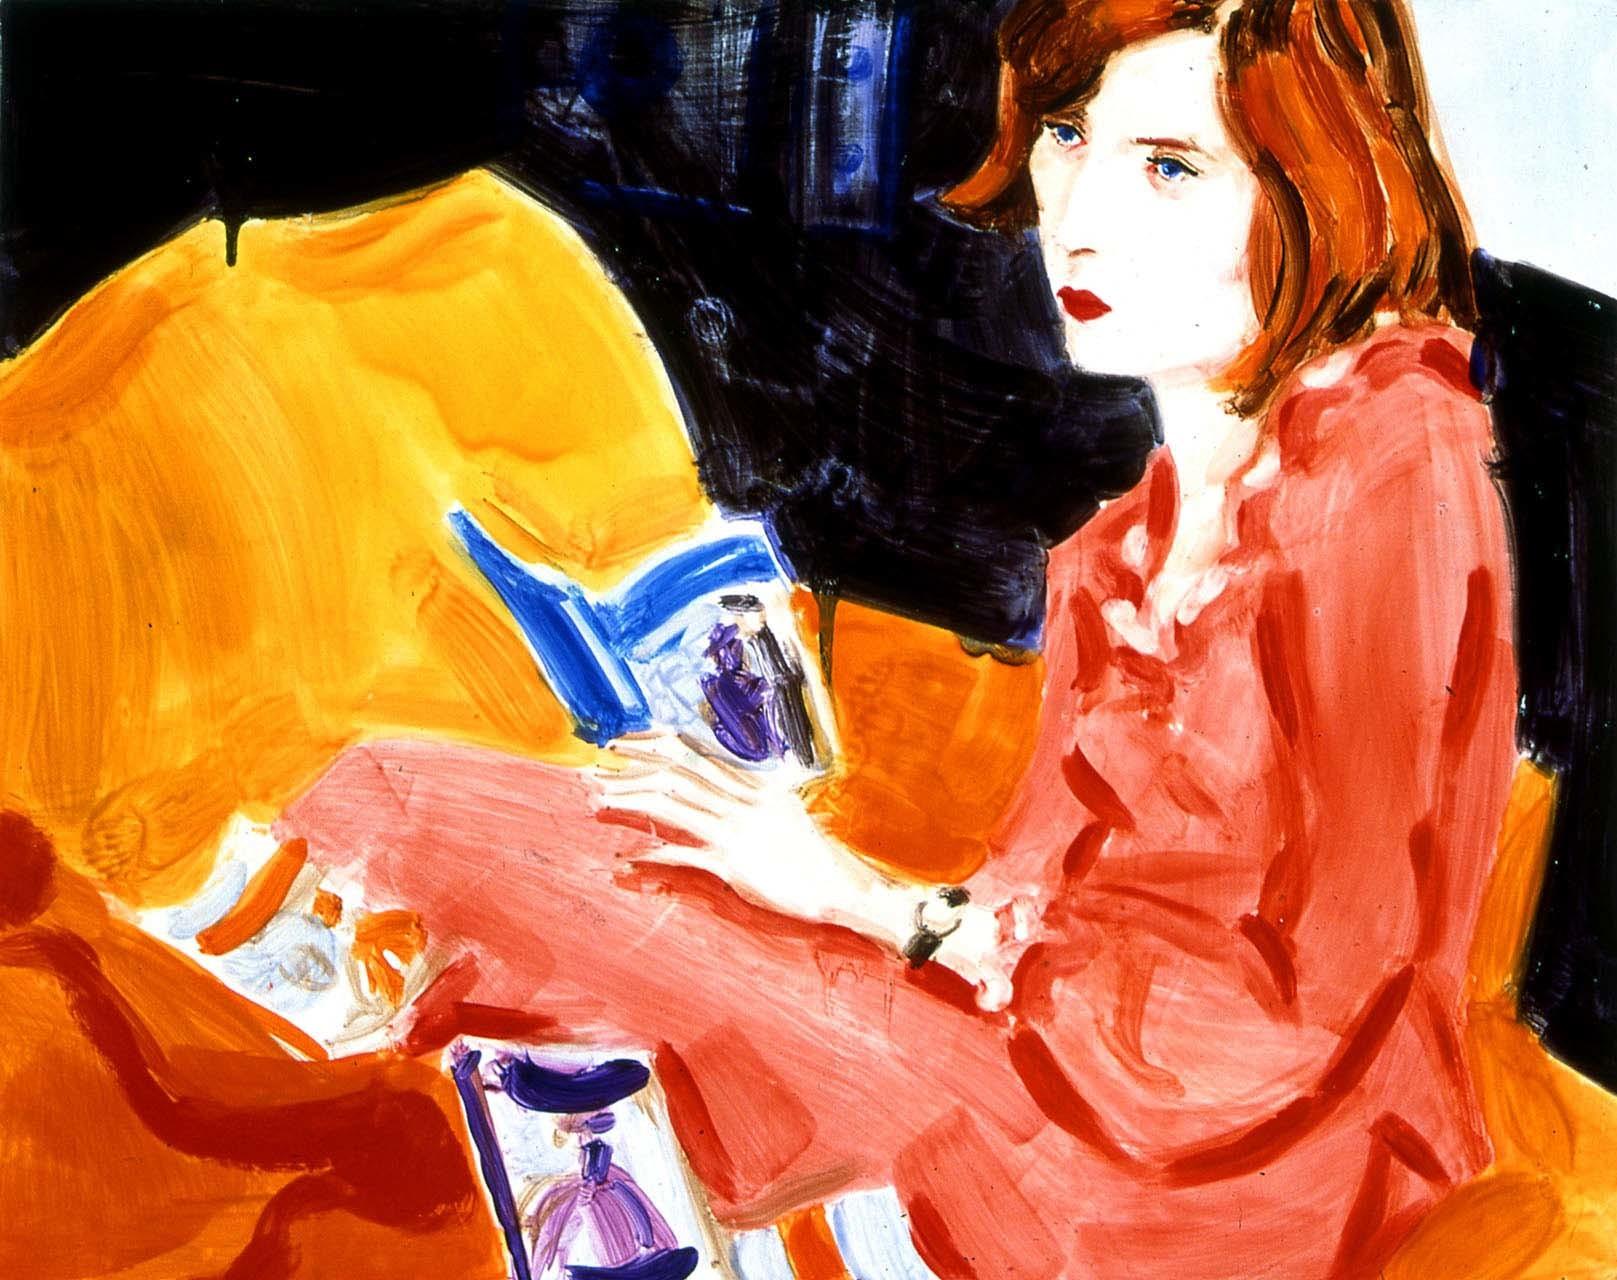 """<div class=""""artwork_caption""""><p>Princess Diana Reading Romance Novels, 1998</p></div>"""